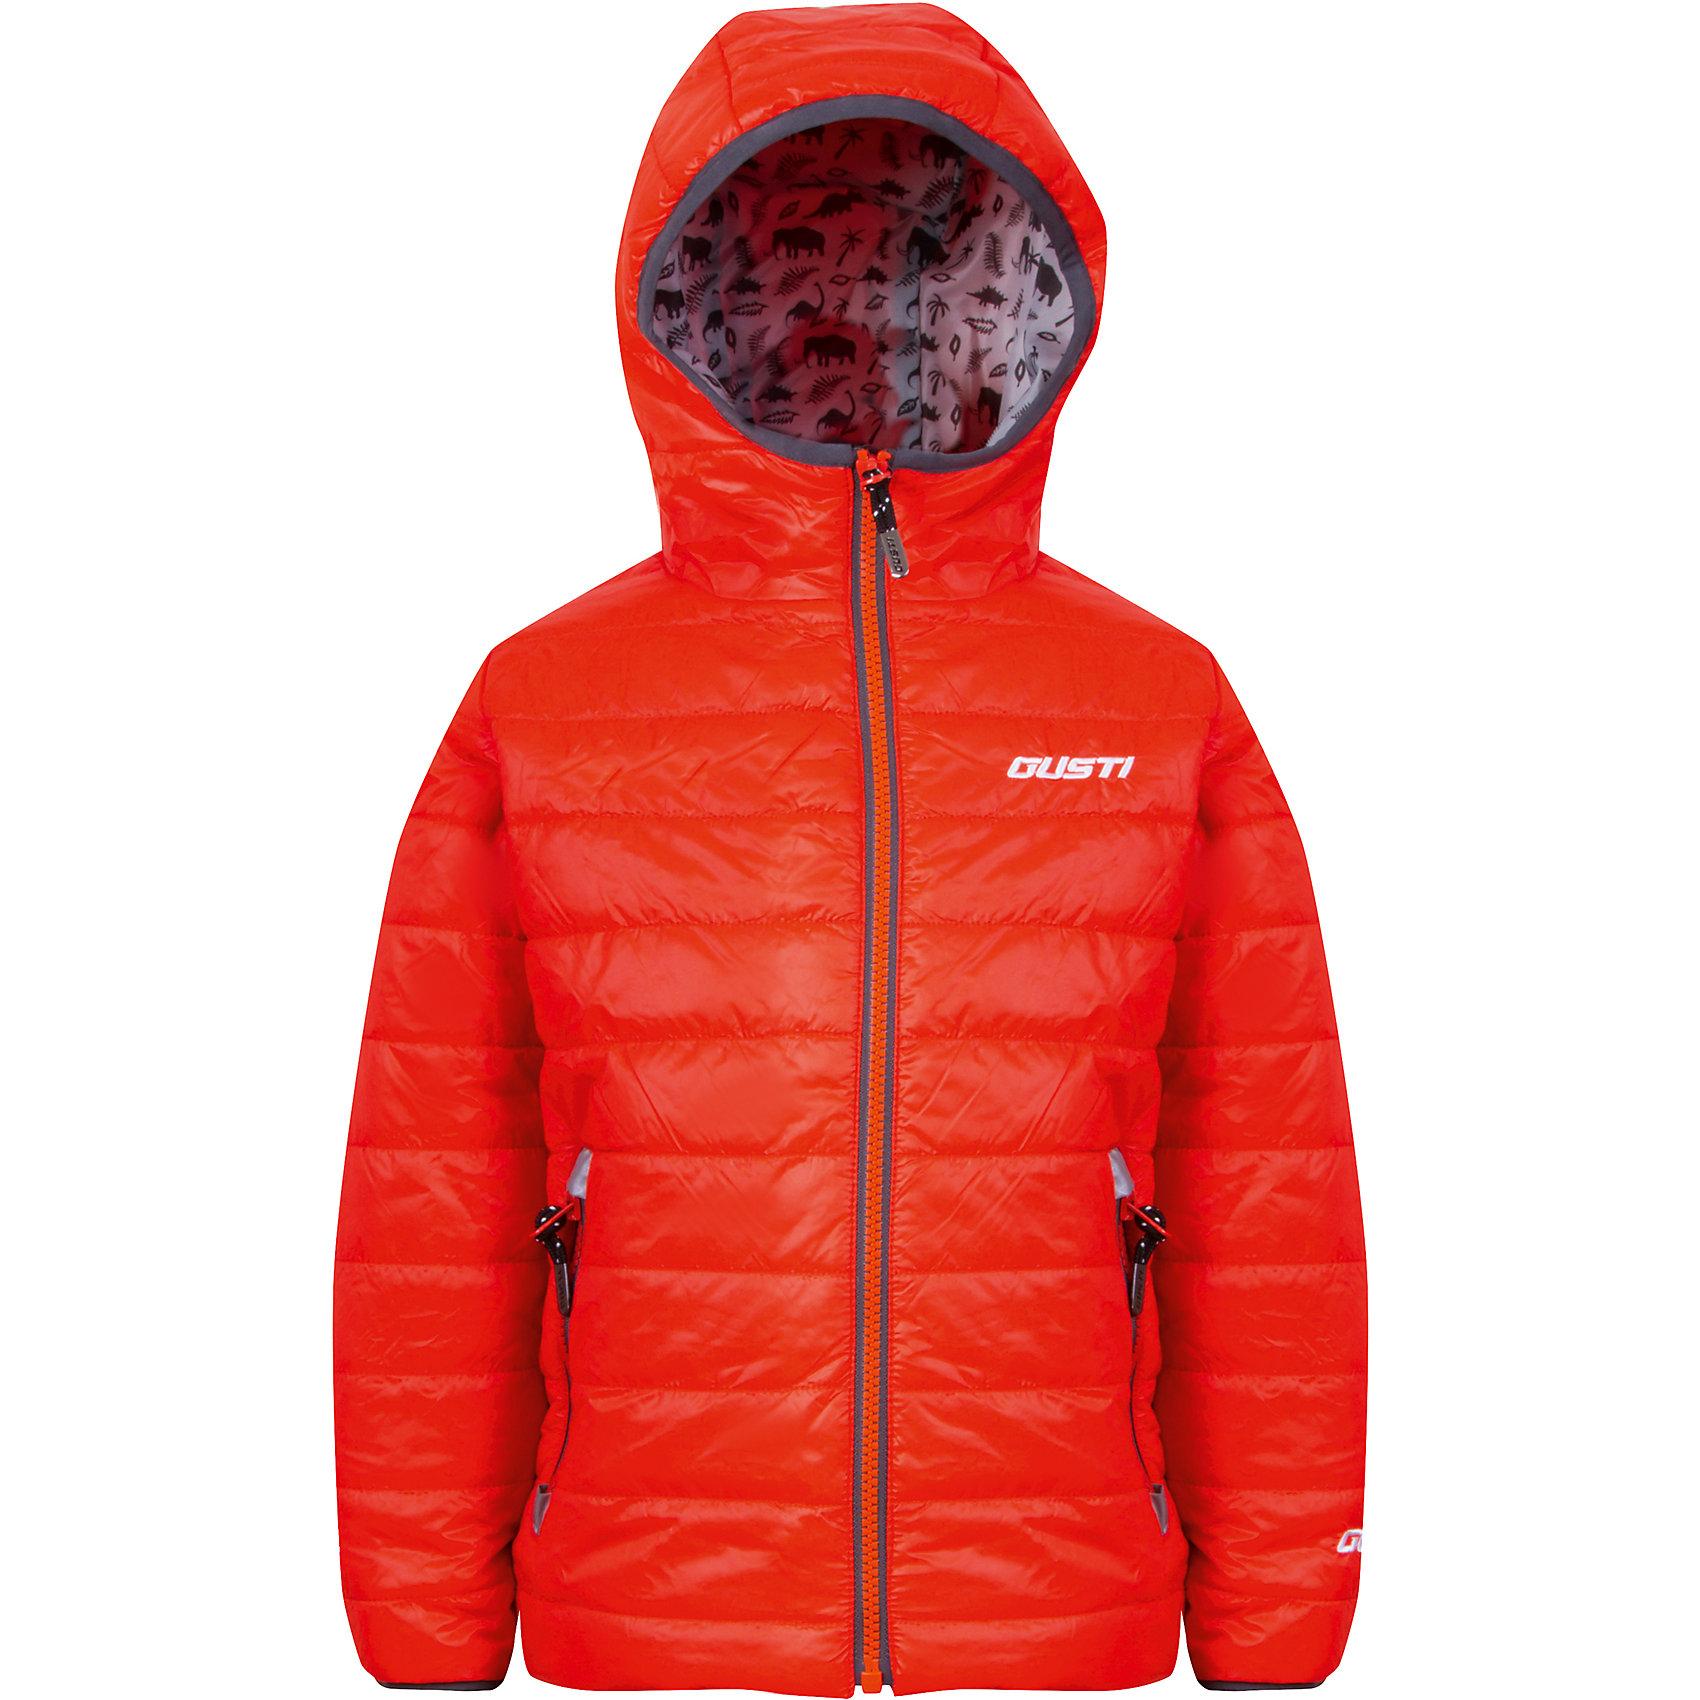 Куртка для мальчика GustiВерхняя одежда<br>Характеристики товара:<br><br>• цвет: оранжевый<br>• состав: 100% полиэстер, полиуретановое покрытие, подкладка - 100% полиэстер<br>• наполнитель: 100 гр teck polifill<br>• температурный режим: от +5° С до +15° С<br>• водонепроницаемый материал<br>• капюшон<br>• карманы<br>• водонепроницаемость: 2000 мм<br>• паропроницаемость: 2000 г/м2<br>• комфортная посадка<br>• светоотражающие элементы<br>• молния<br>• подкладка: таффета<br>• демисезонная<br>• страна бренда: Канада<br><br>Эта демисезонная куртка с мембранной технологией поможет обеспечить ребенку комфорт и тепло. Изделие удобно садится по фигуре, отлично смотрится с различным низом и обувью. Куртка модно выглядит, она хорошо защищает от ветра и влаги. Материал отлично подходит для дождливой погоды. Стильный дизайн разрабатывался специально для детей.<br><br>Куртку для мальчика от известного бренда Gusti (Густи) можно купить в нашем интернет-магазине.<br><br>Ширина мм: 356<br>Глубина мм: 10<br>Высота мм: 245<br>Вес г: 519<br>Цвет: оранжевый<br>Возраст от месяцев: 18<br>Возраст до месяцев: 24<br>Пол: Мужской<br>Возраст: Детский<br>Размер: 92,152,98,104,110,116,120,122,128,140<br>SKU: 5452414